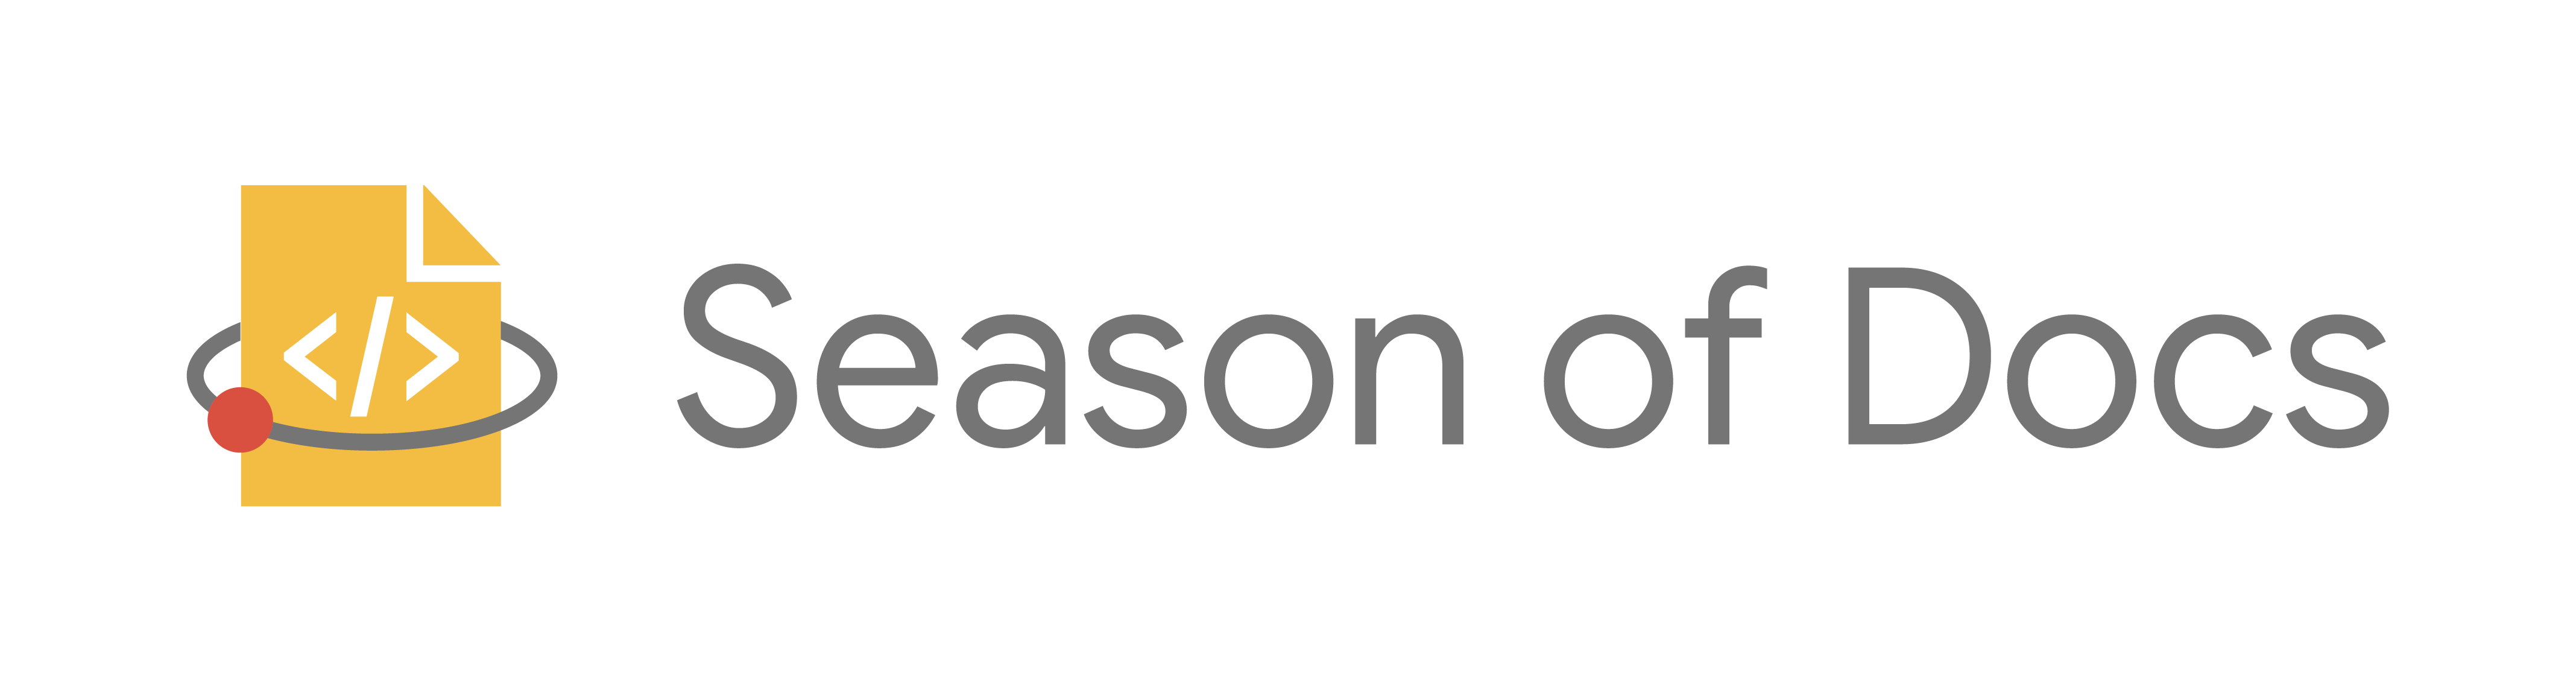 Season of Docs logo